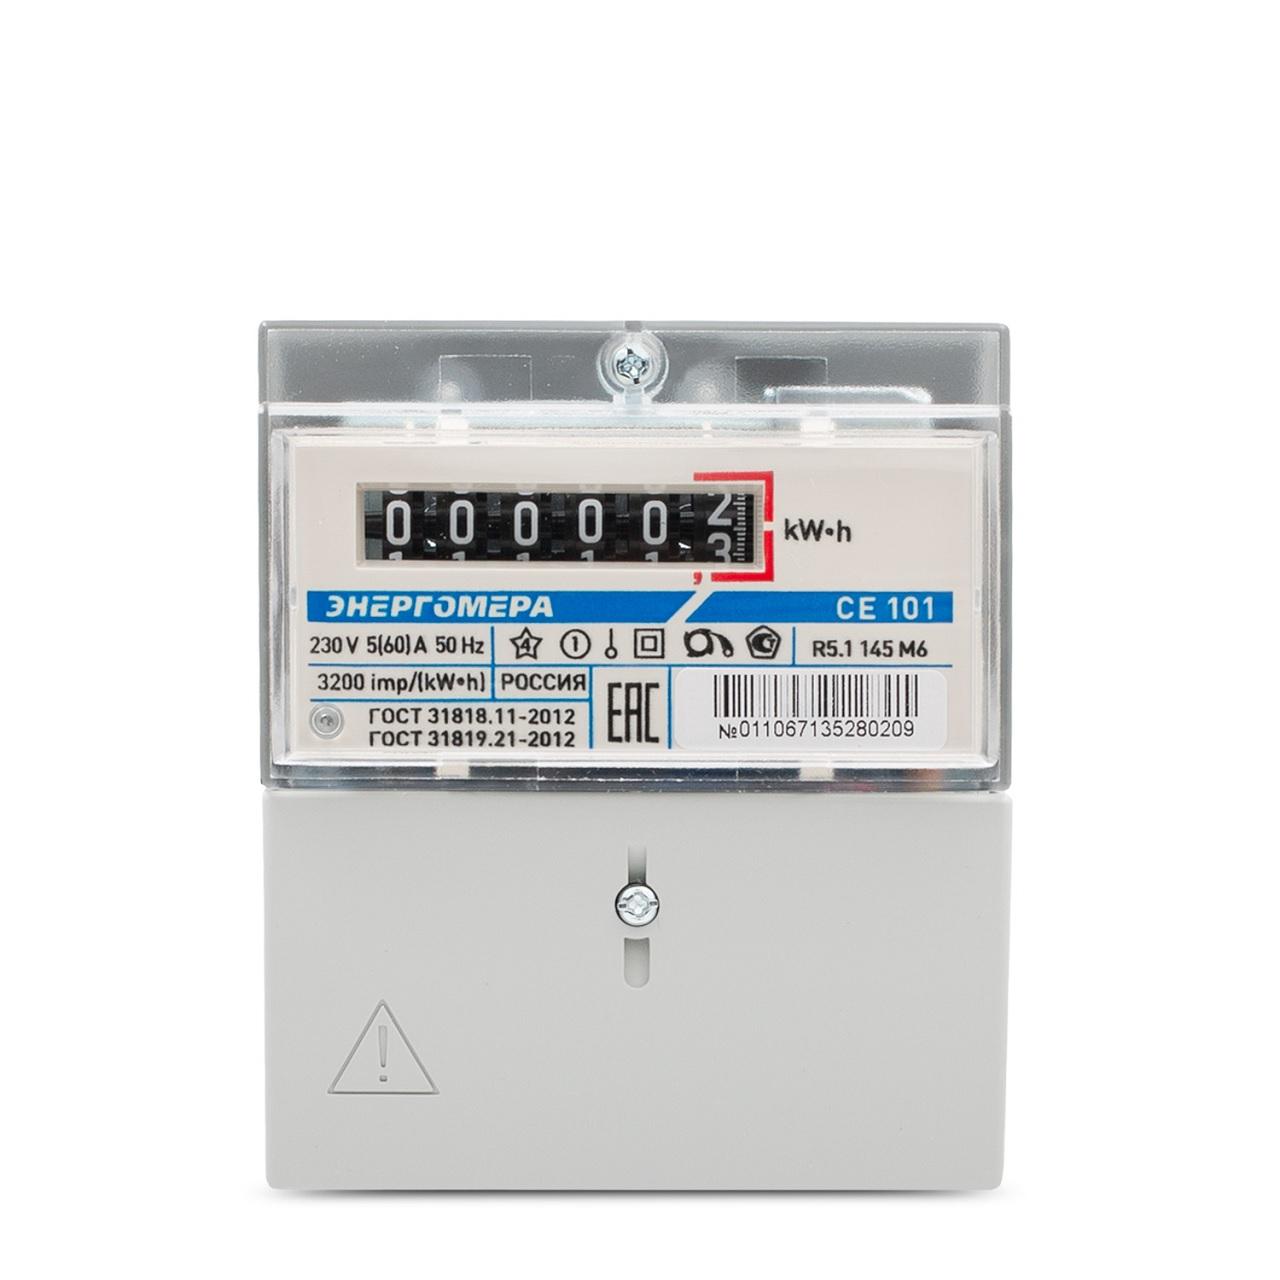 Электромеханический индикатор защищен прозрачной крышкой от пыли